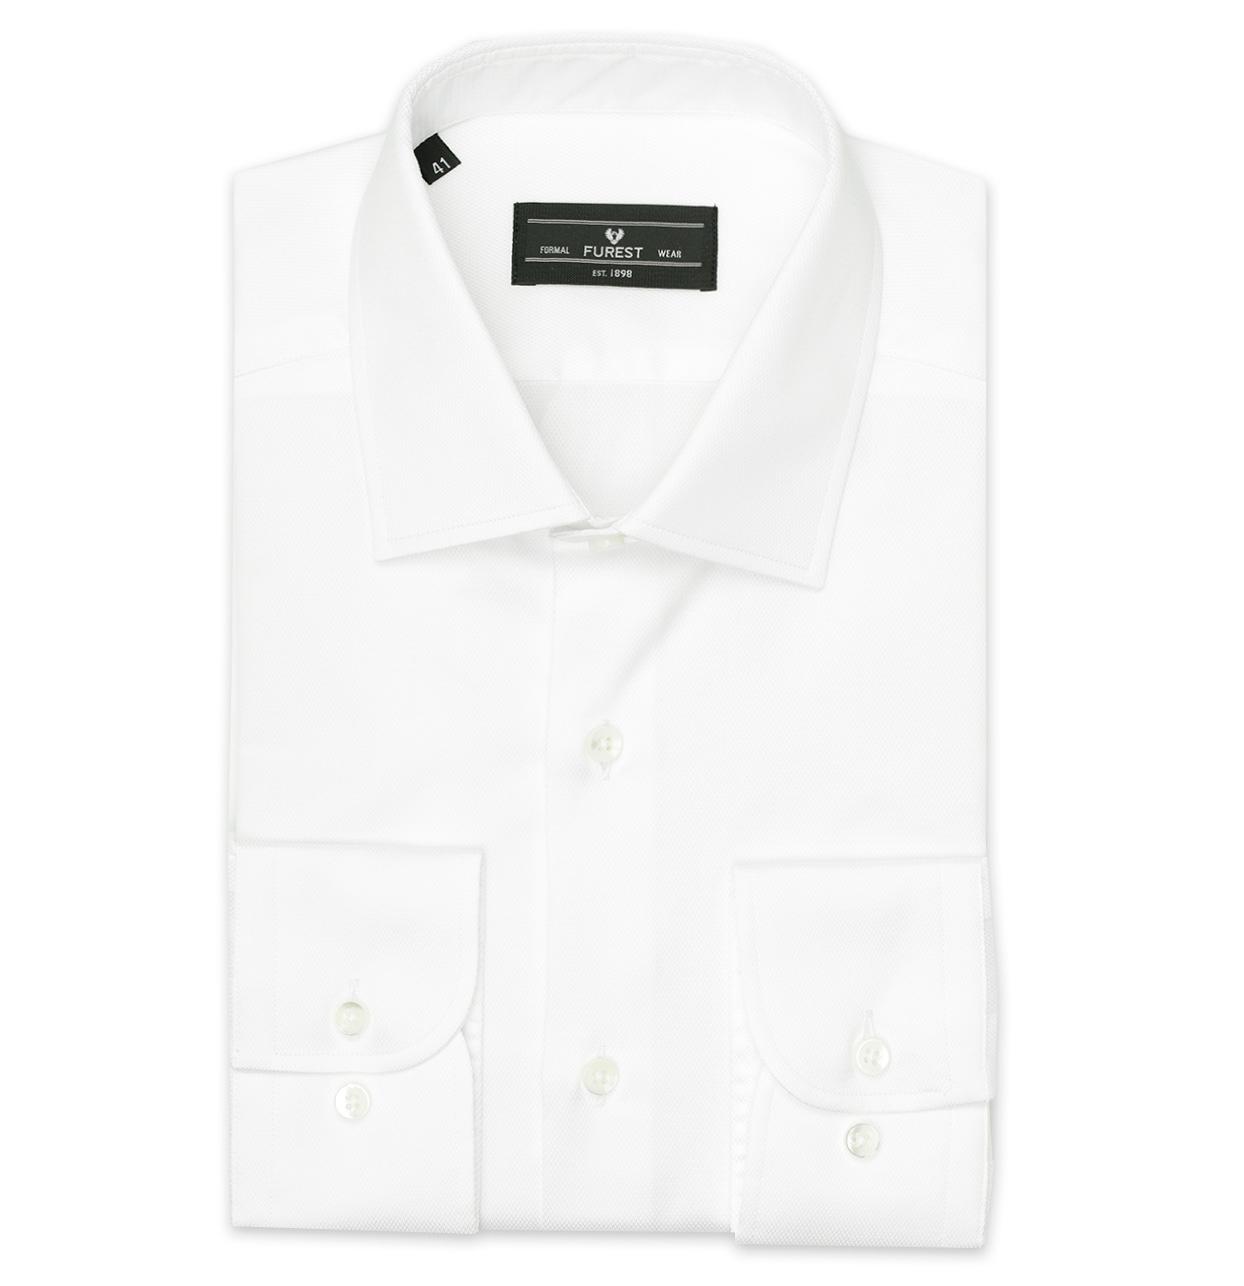 Camisa Formal Wear SLIM FIT cuello italiano modelo ROMA tejido micro esterilla color blanco, 100% Algodón.